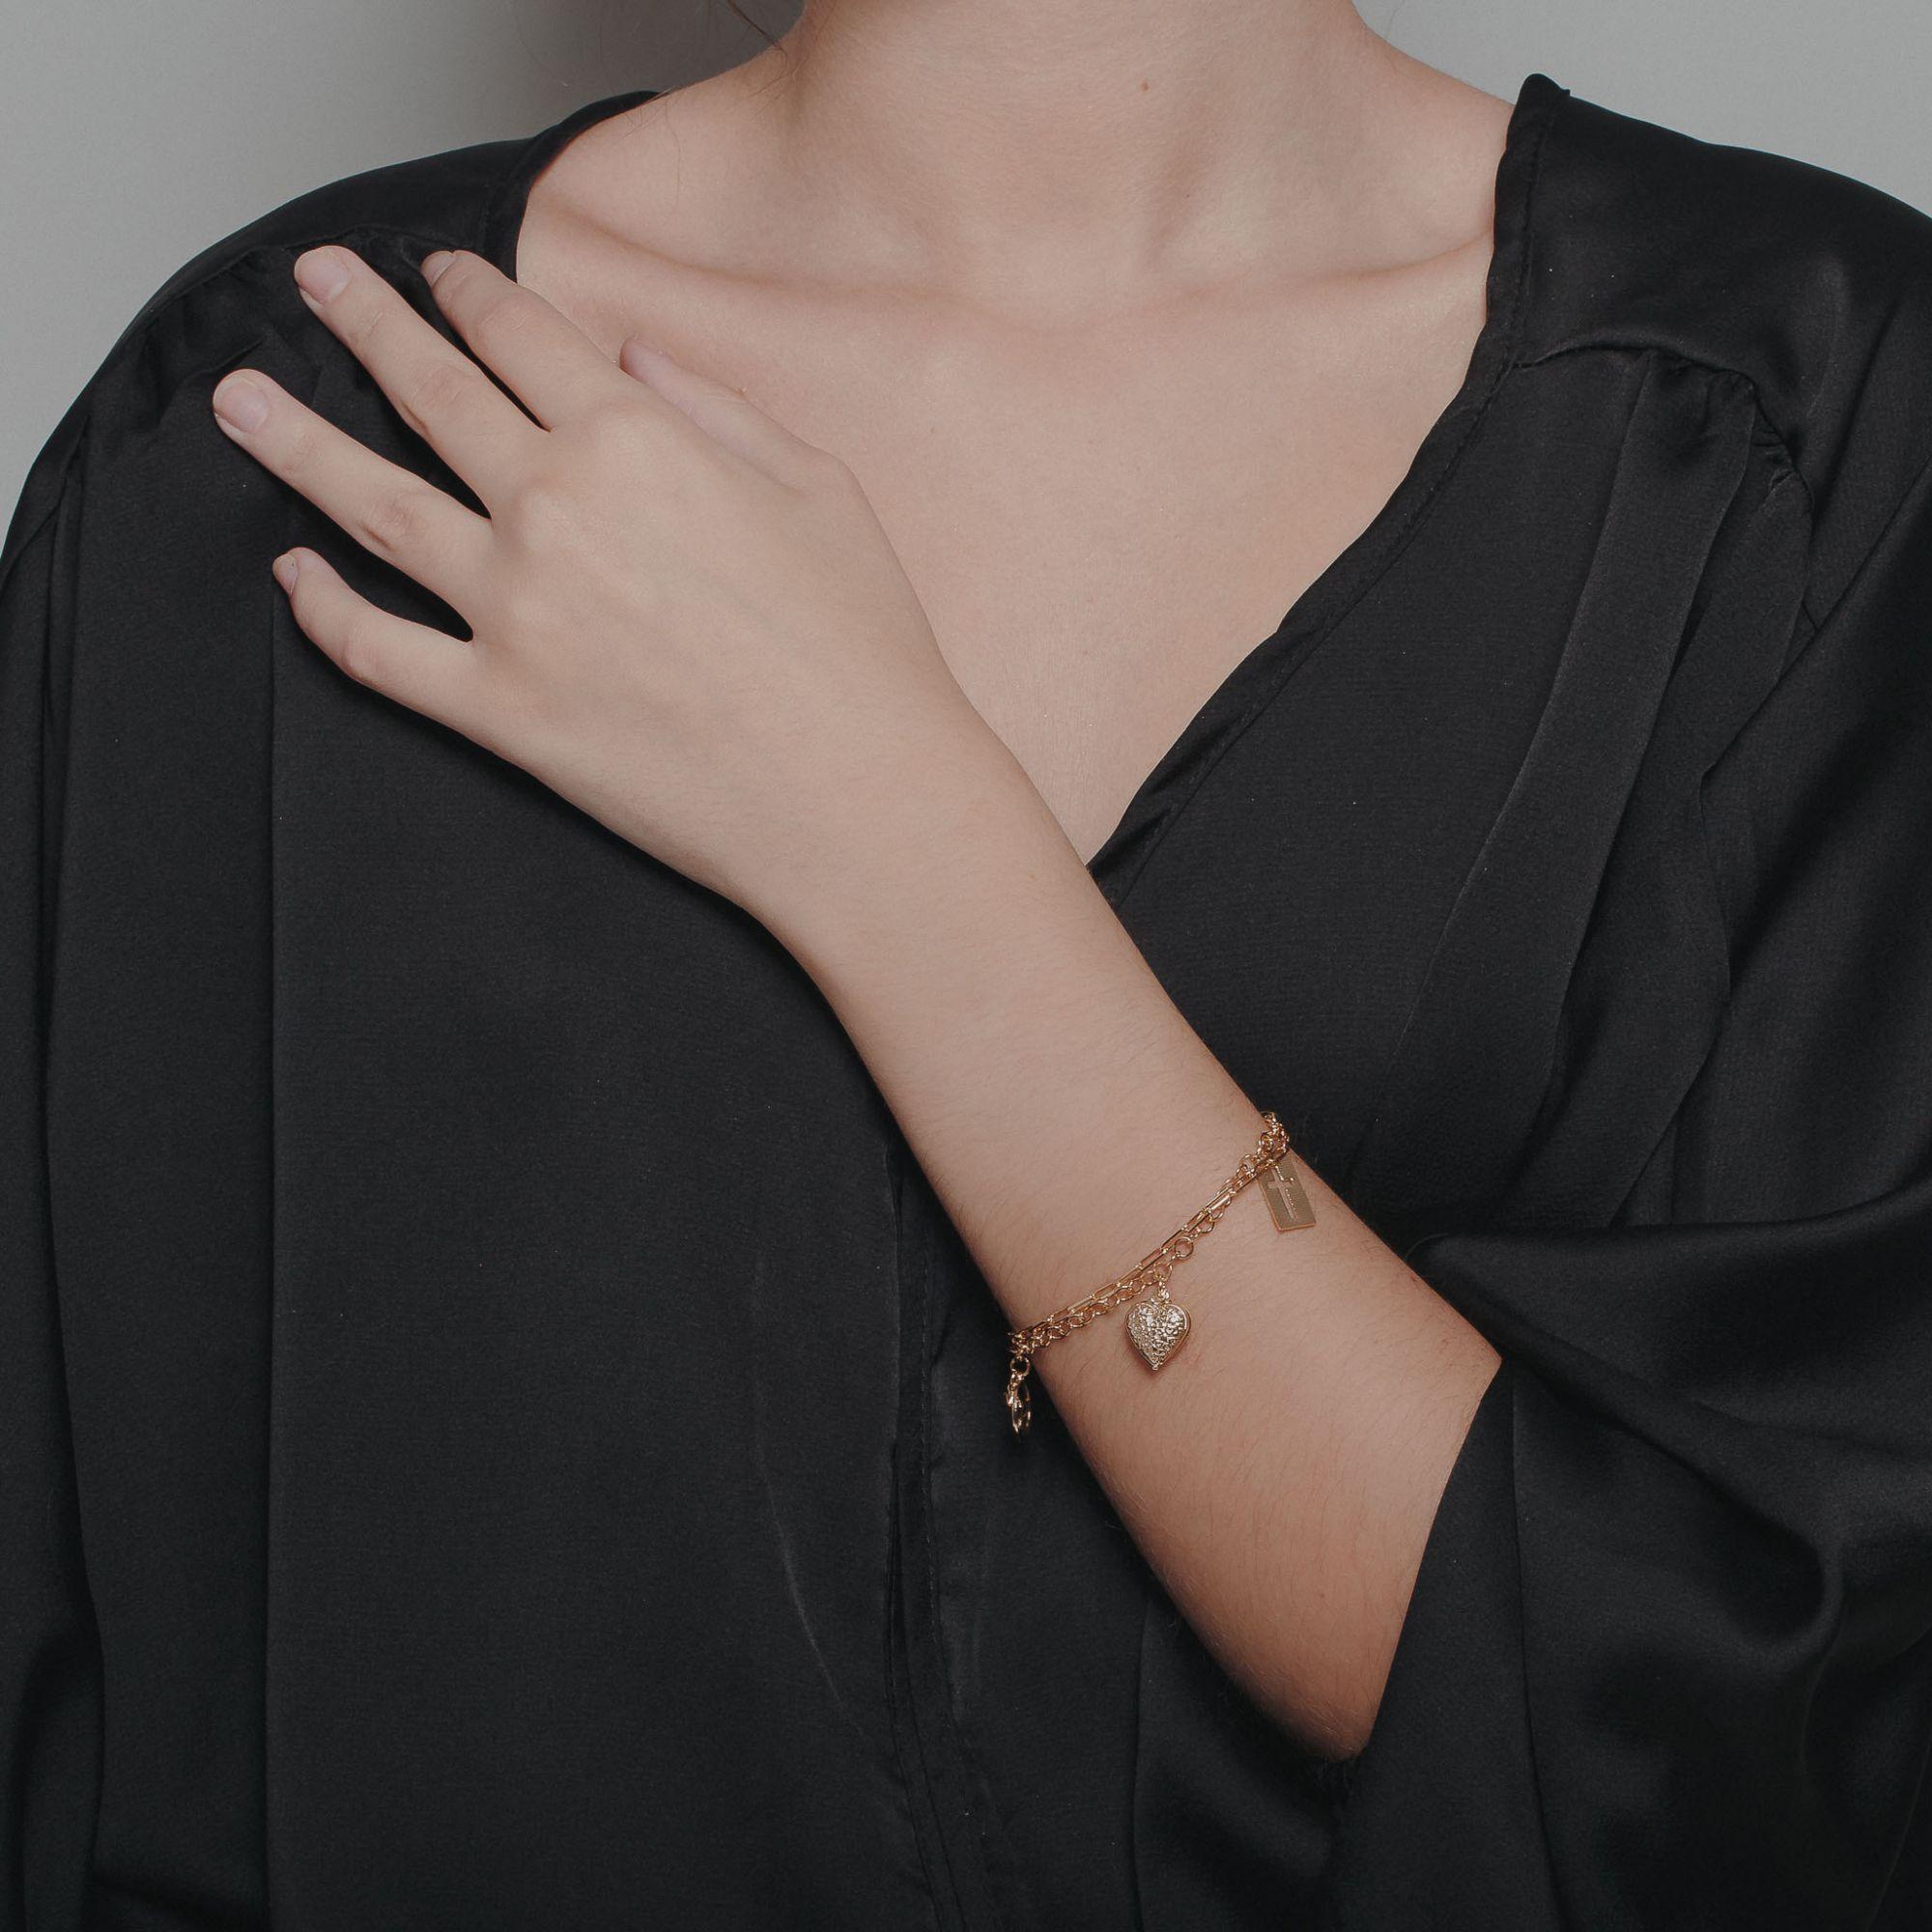 Pulseira com pendentes de coração banhada a ouro 18k.  - romabrazil.com.br